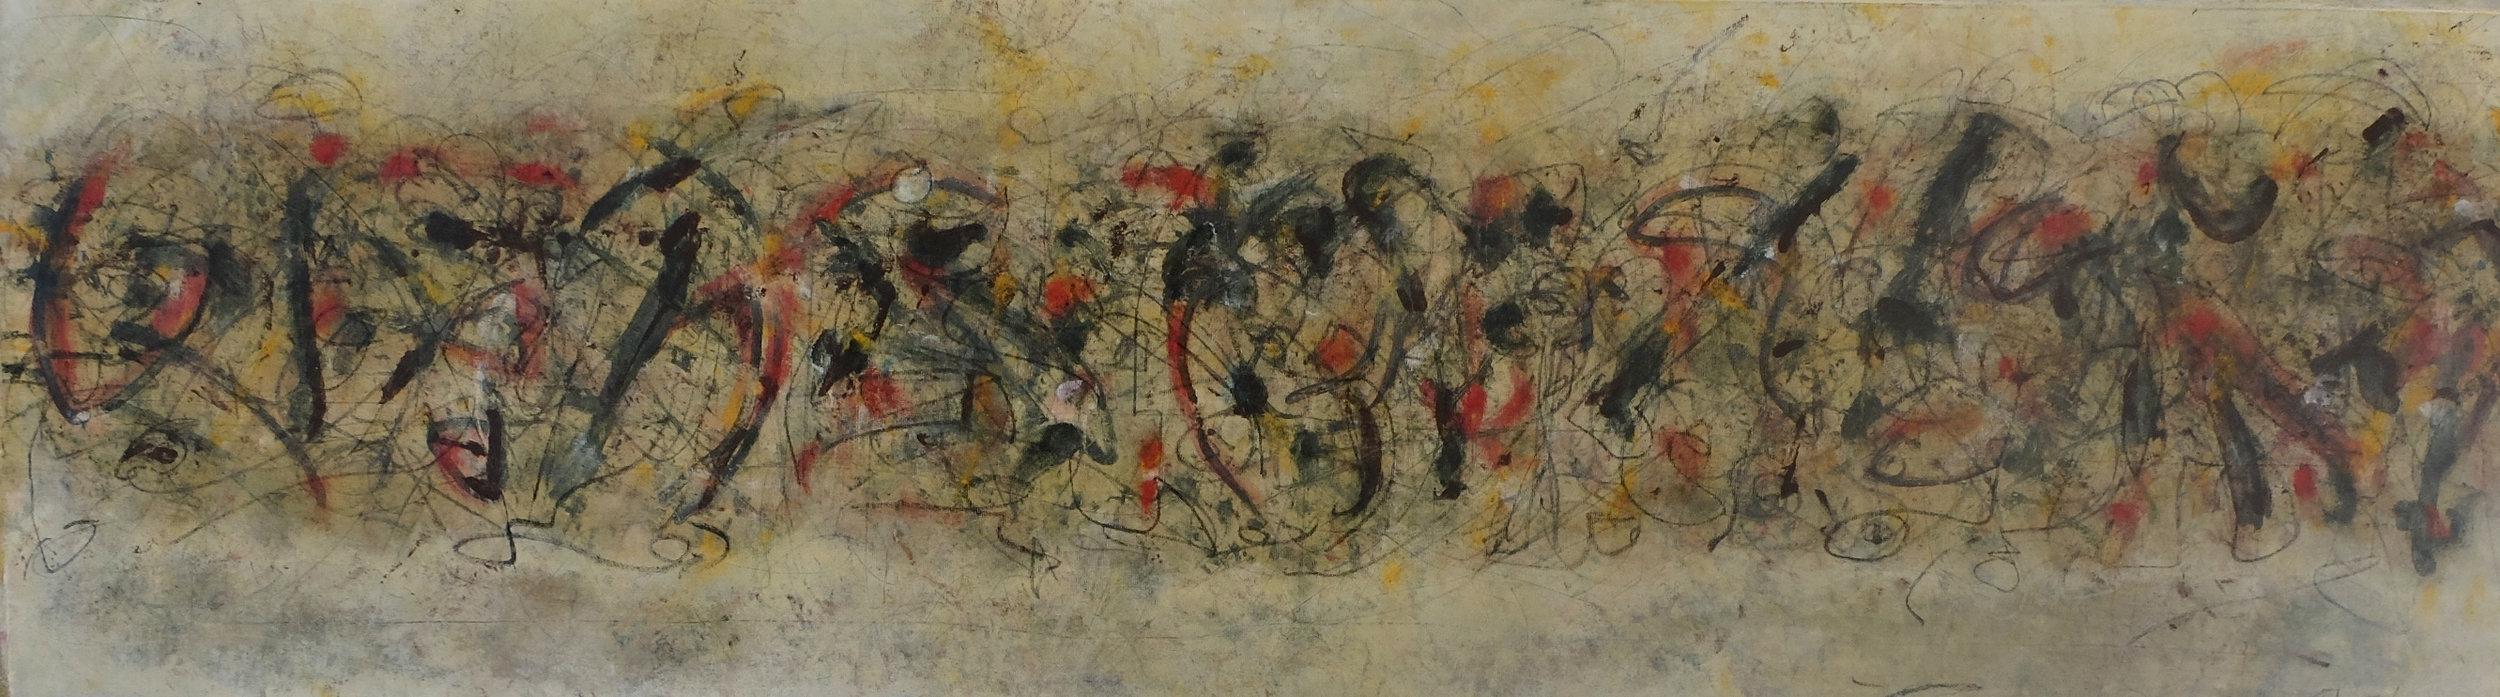 sans titre; 35x130; mixed media on canvas; 2013